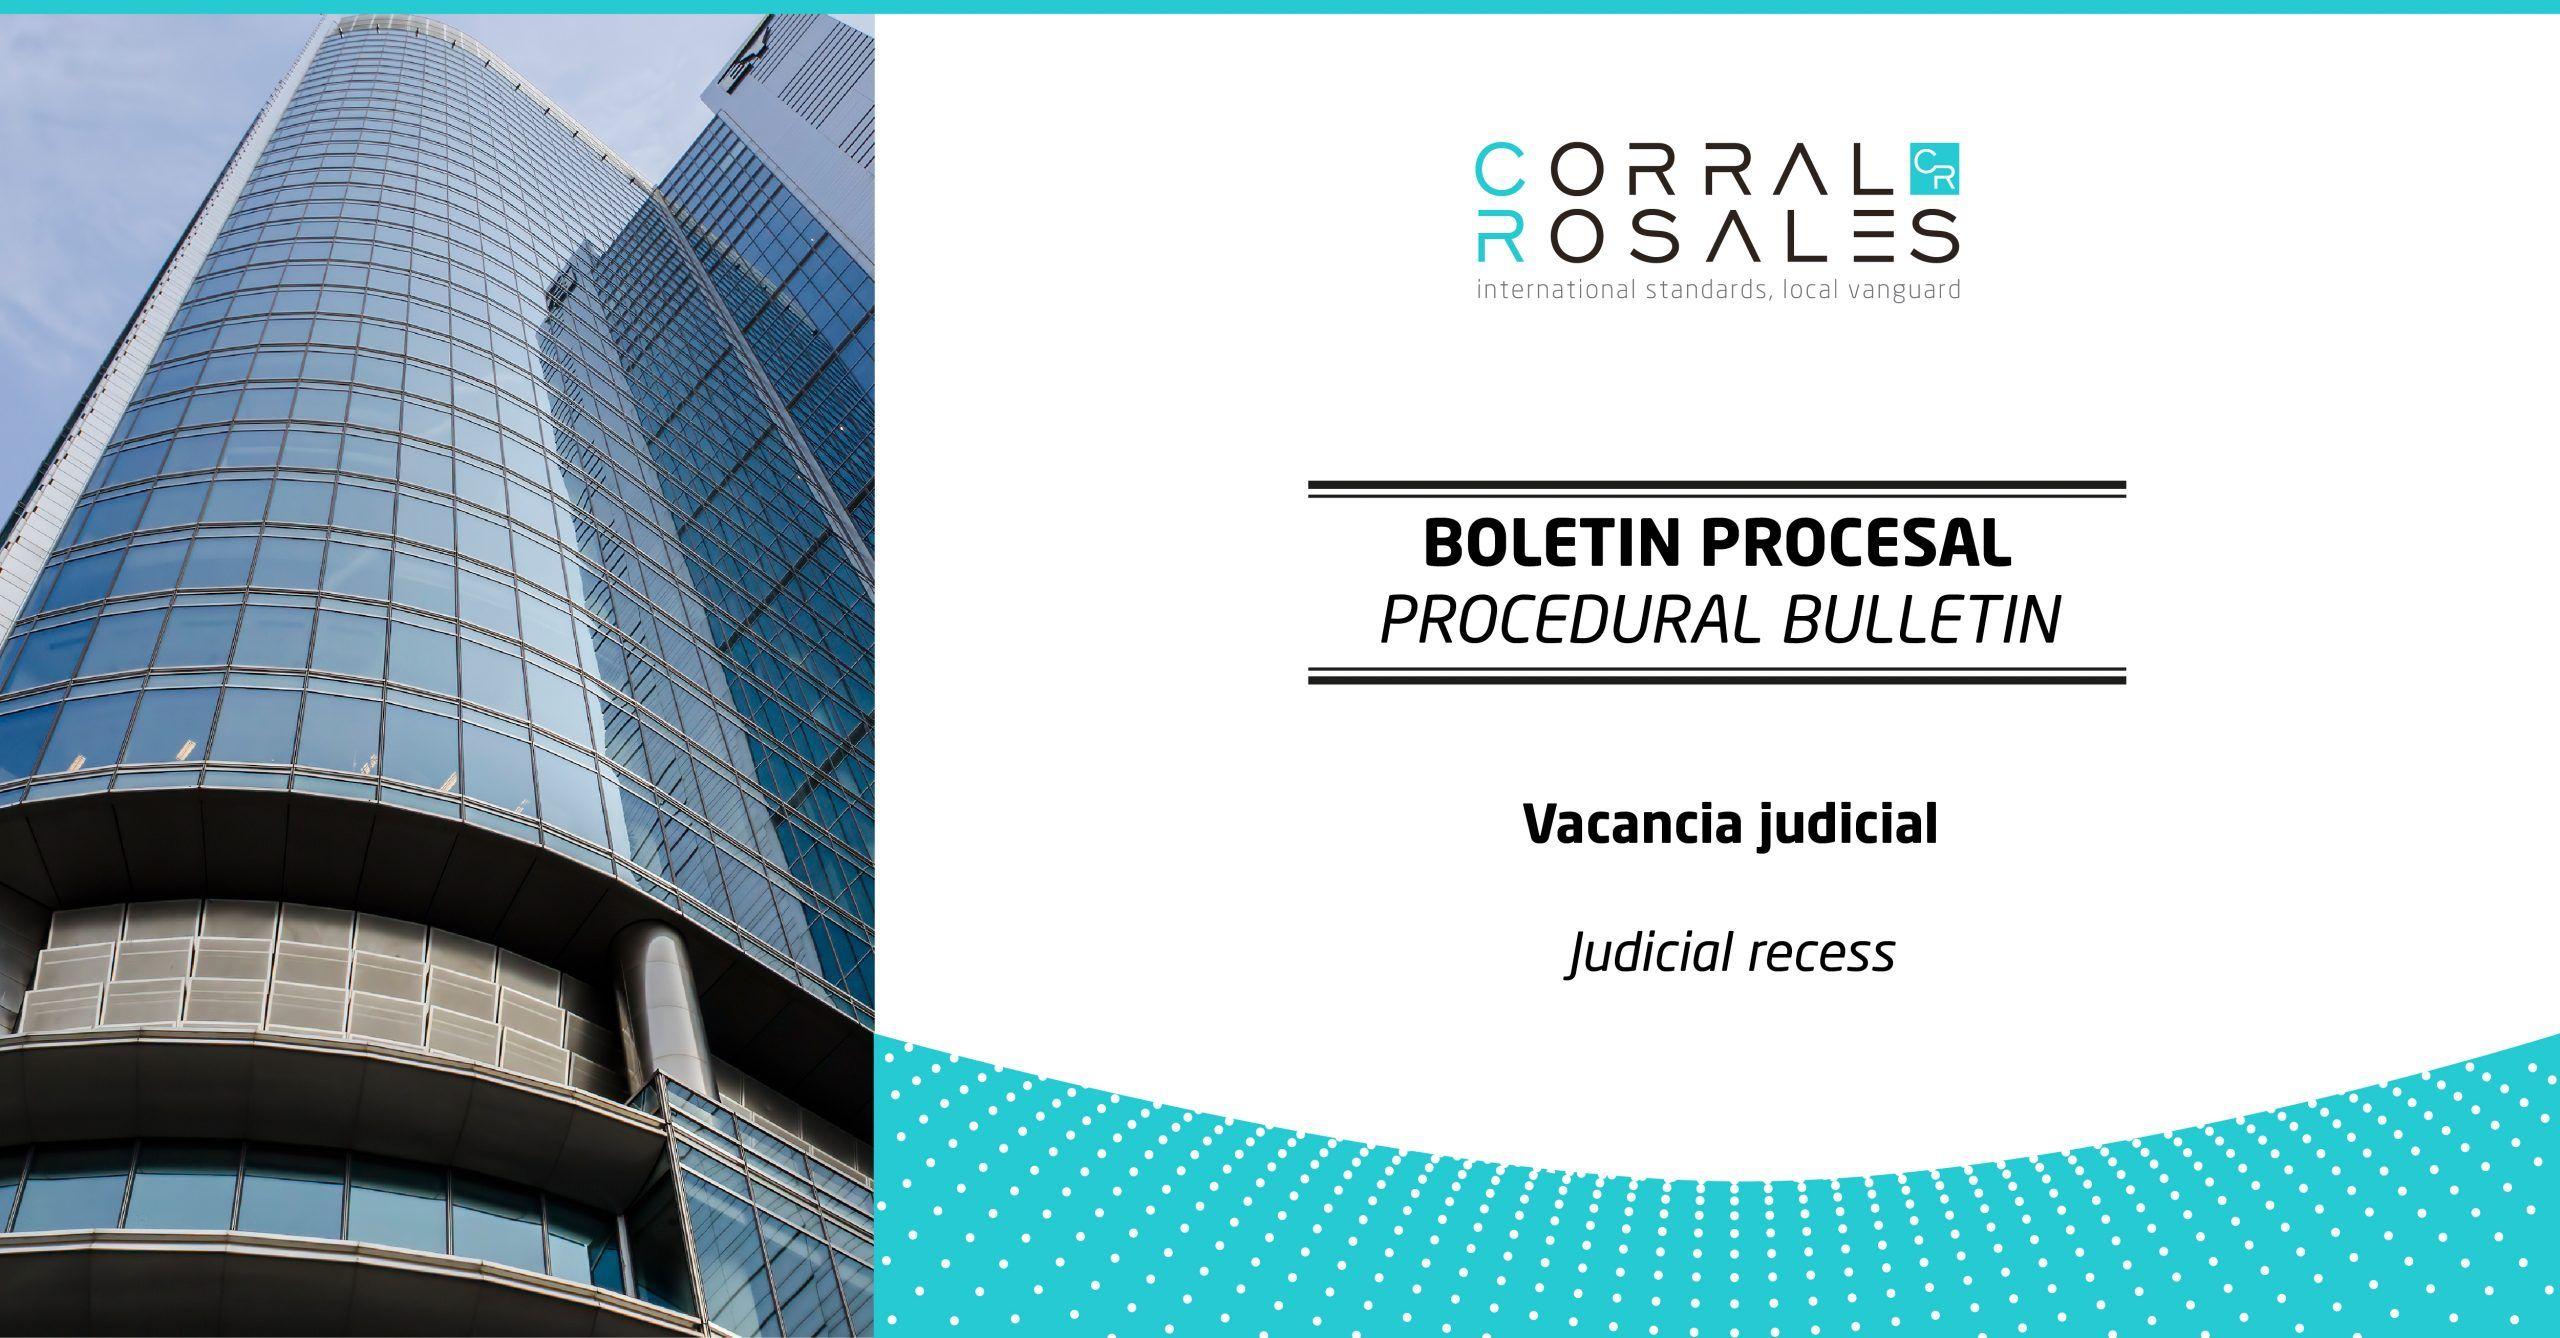 corral-rosales-vacancia-judicial-abogados-ecuador